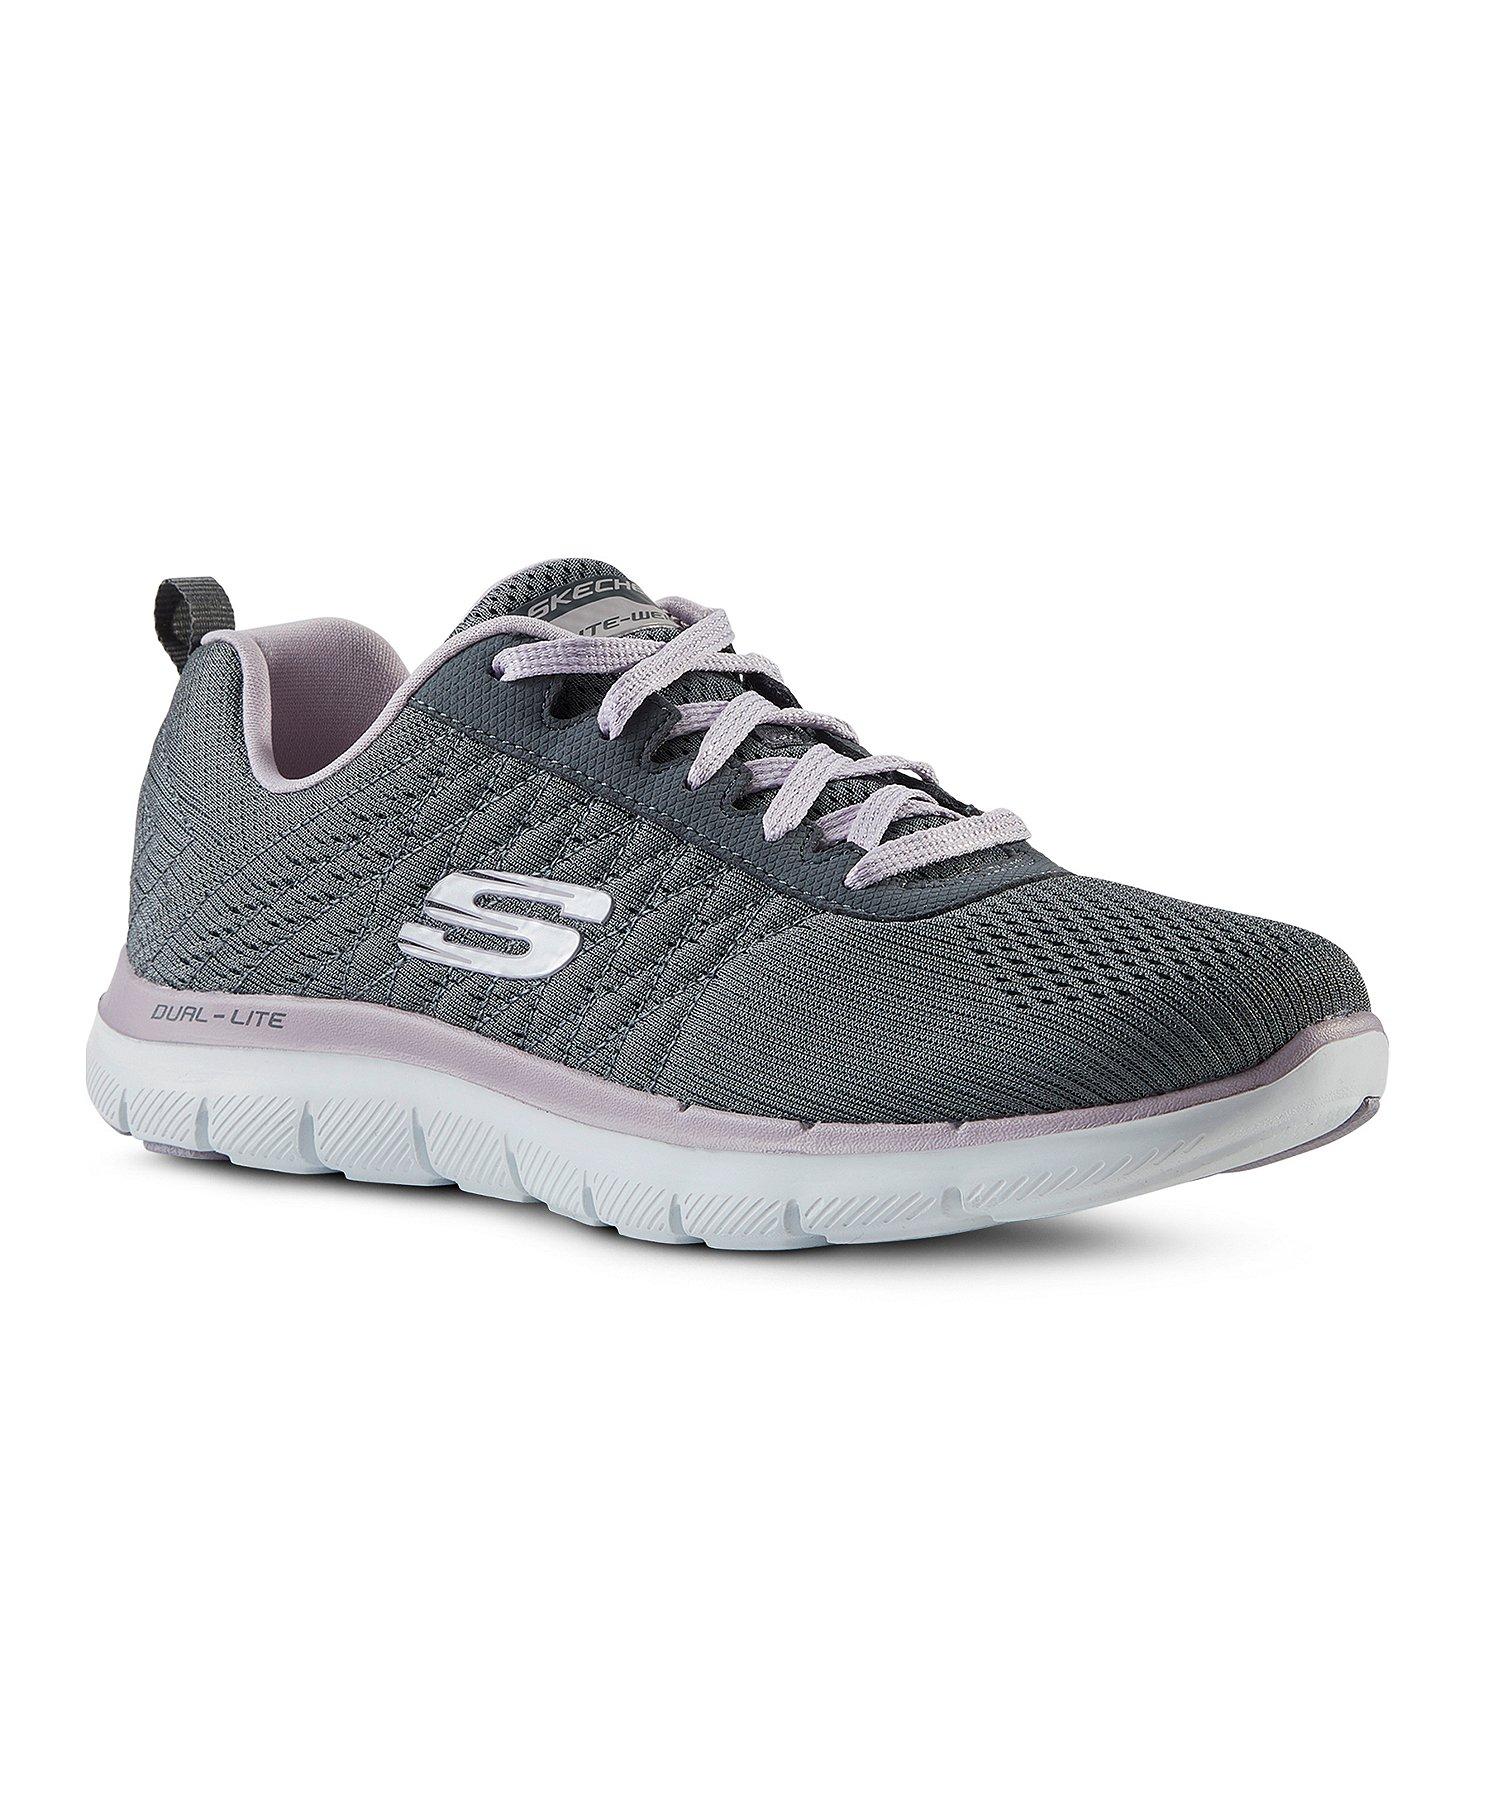 Women's Flex Appeal 2.0 Break Free Shoes